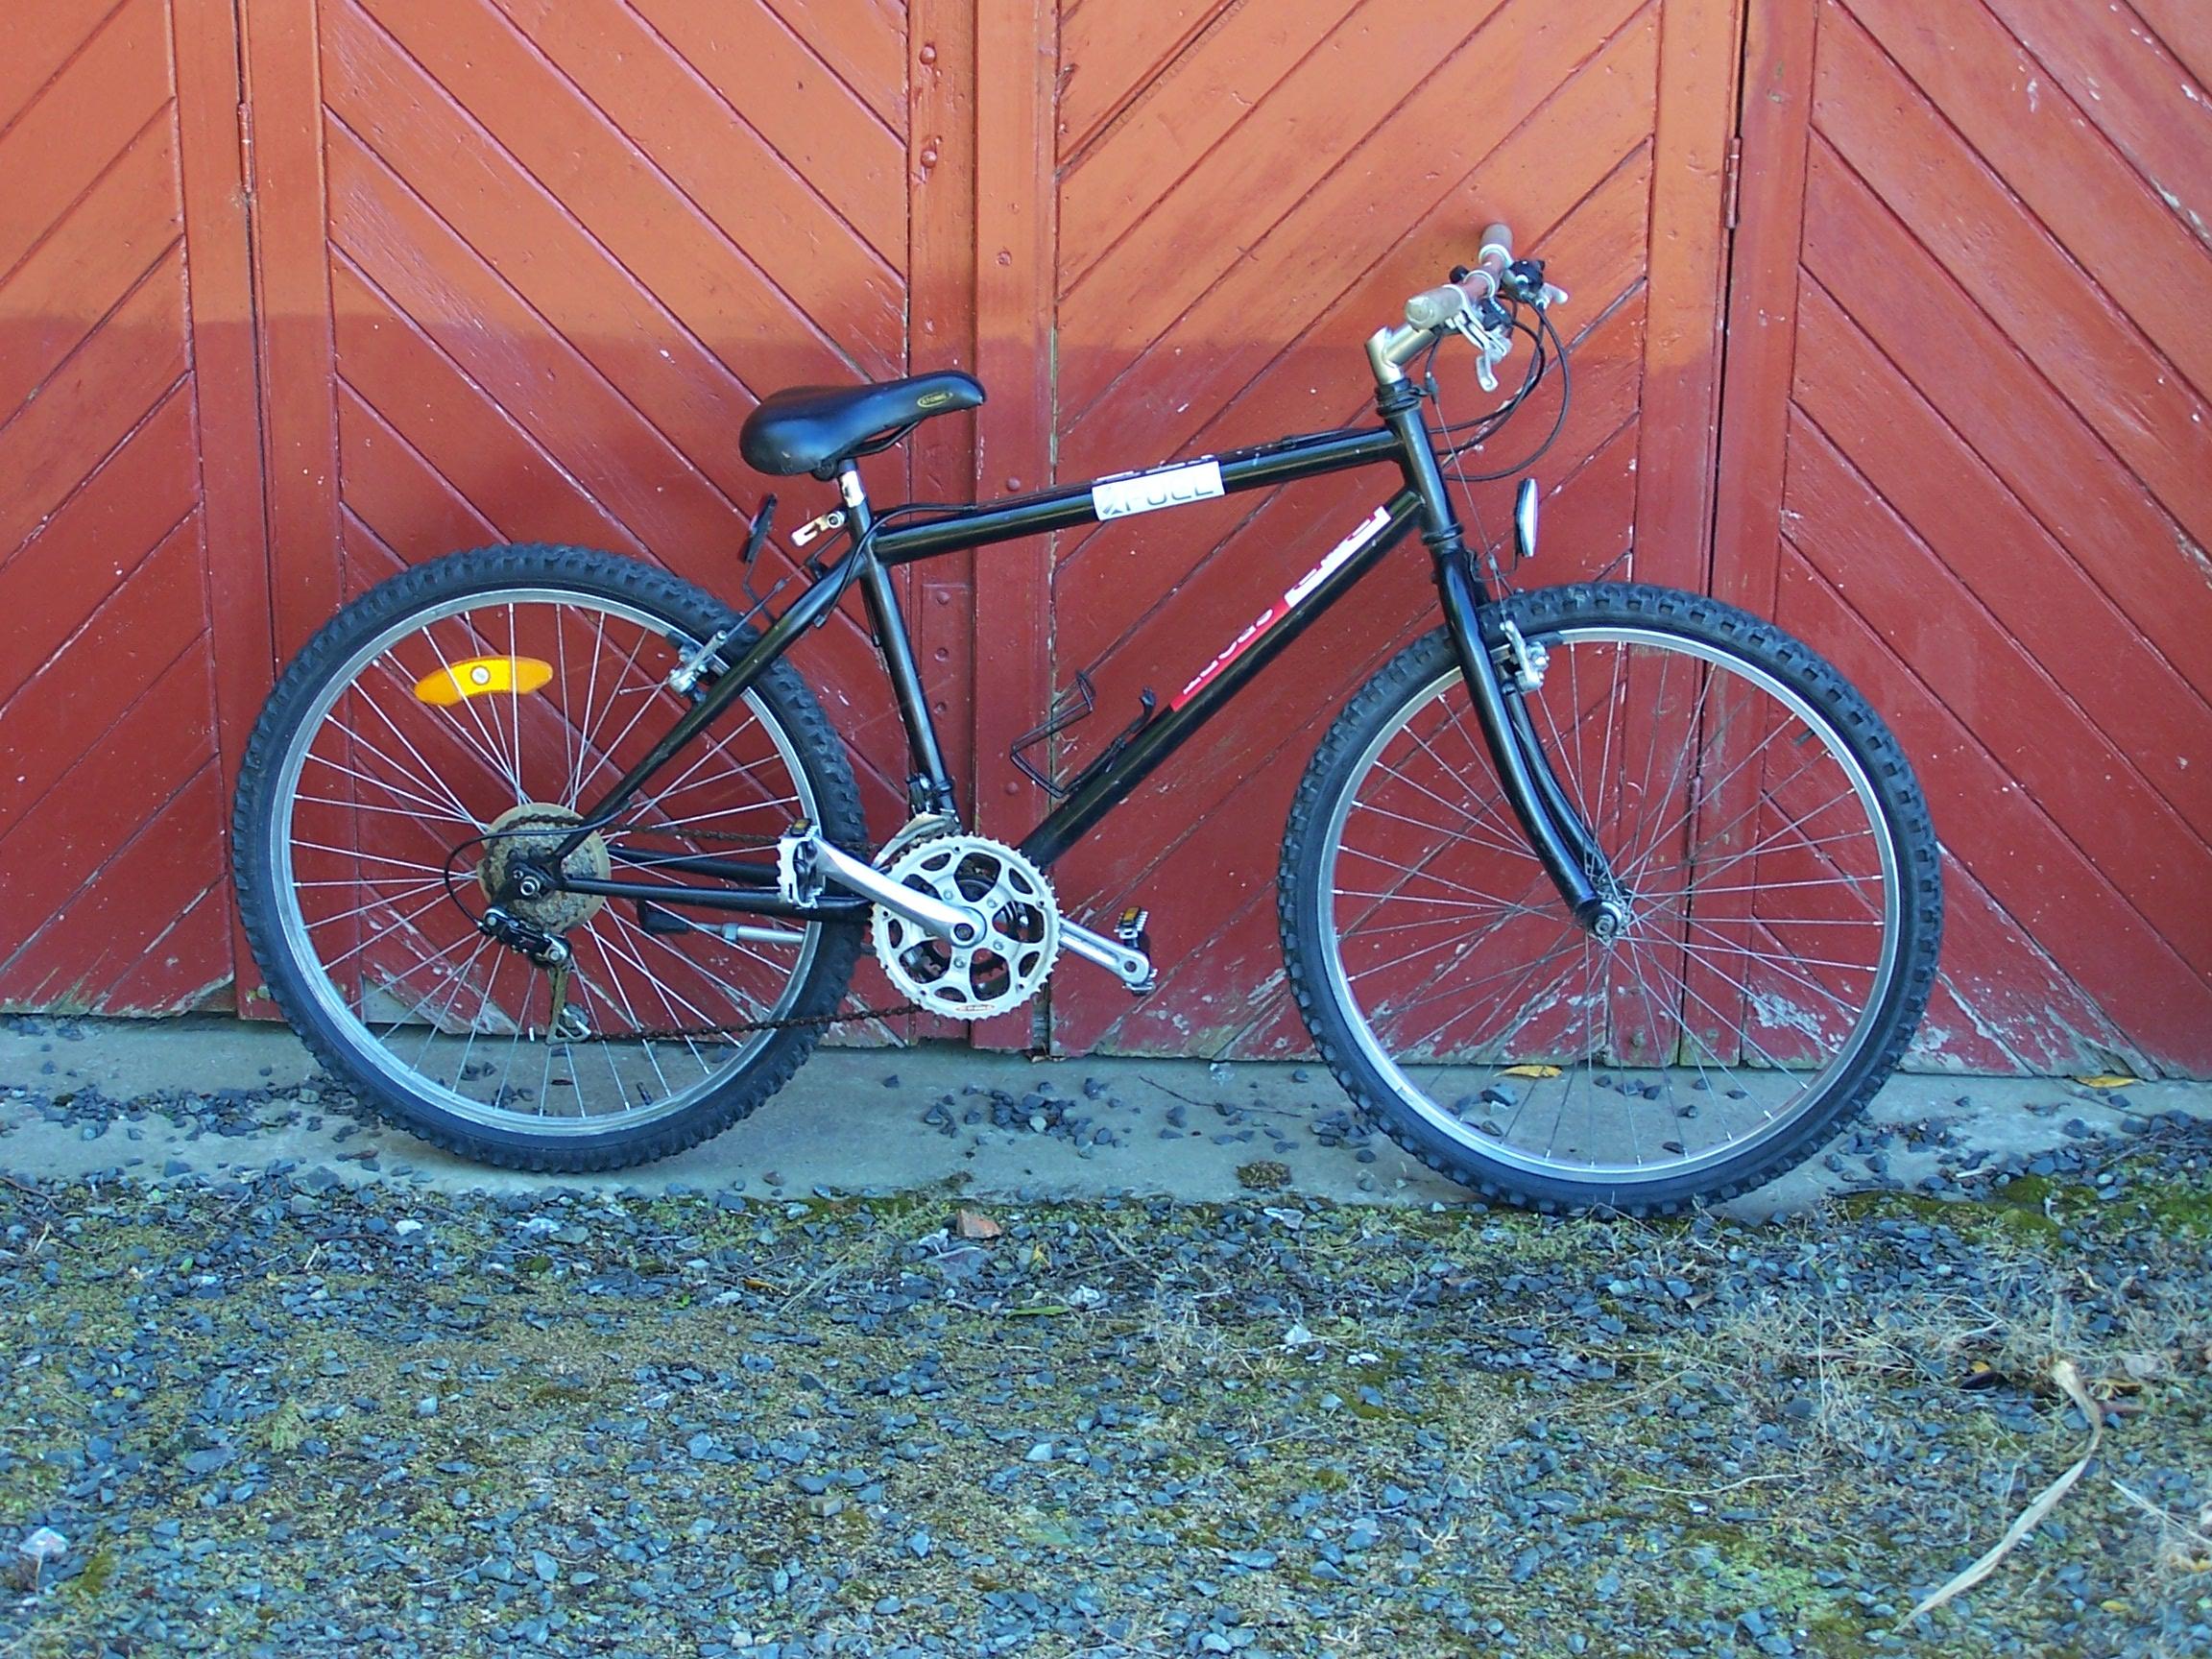 Herring bone, Bicycle, Bike, Black, Bone, HQ Photo